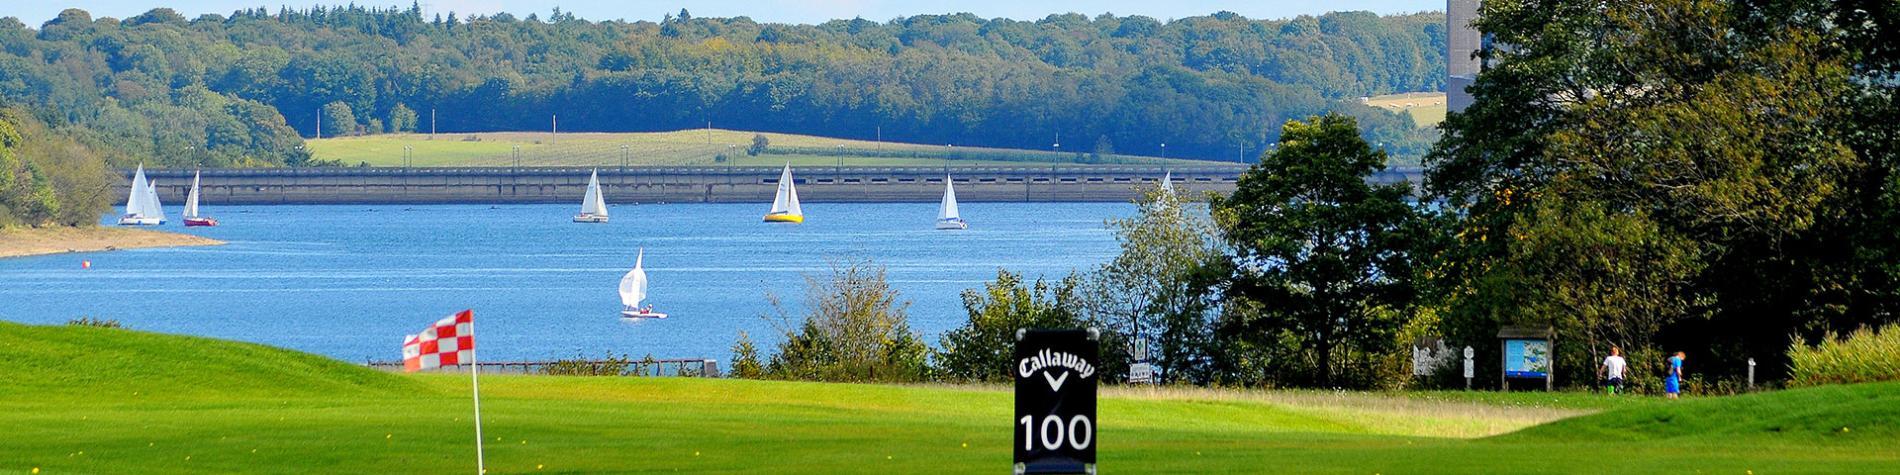 Golf - parcours - green - gazon - lacs